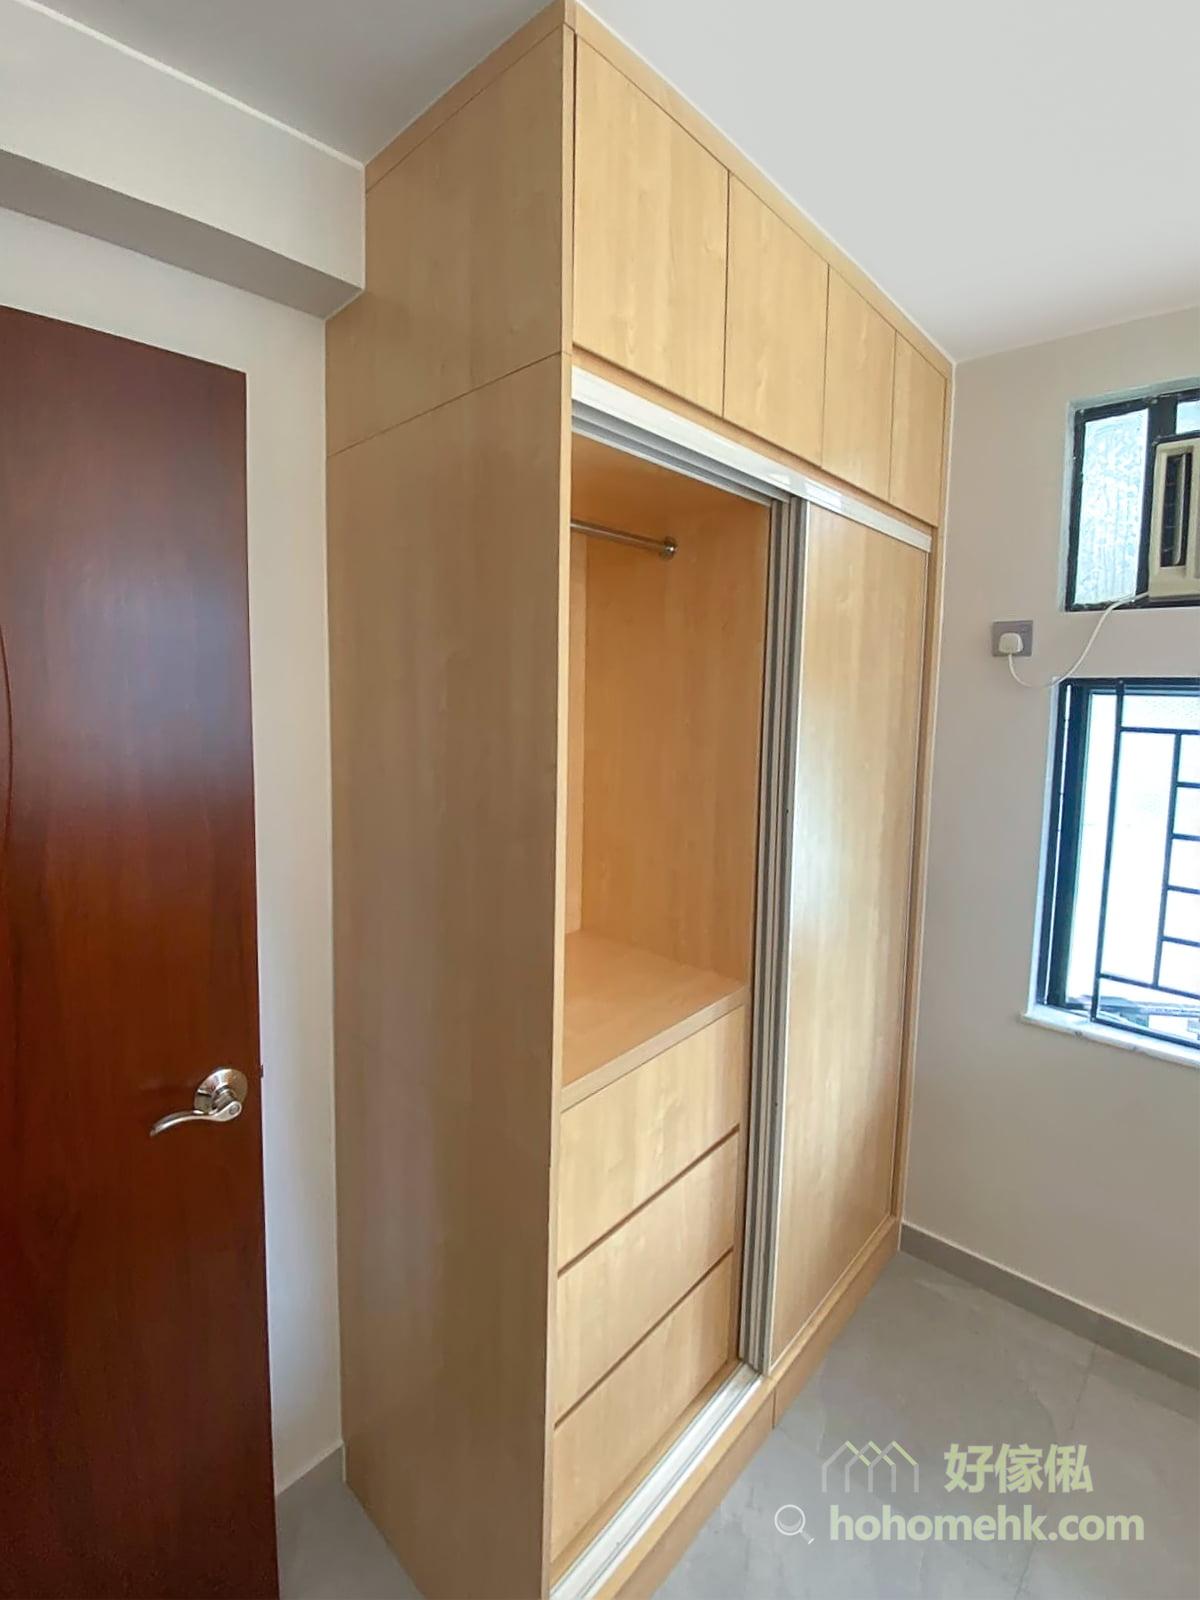 趟門設計不用預留衣櫃前方的空間作櫃門開關之用,對於小空間尤其有用